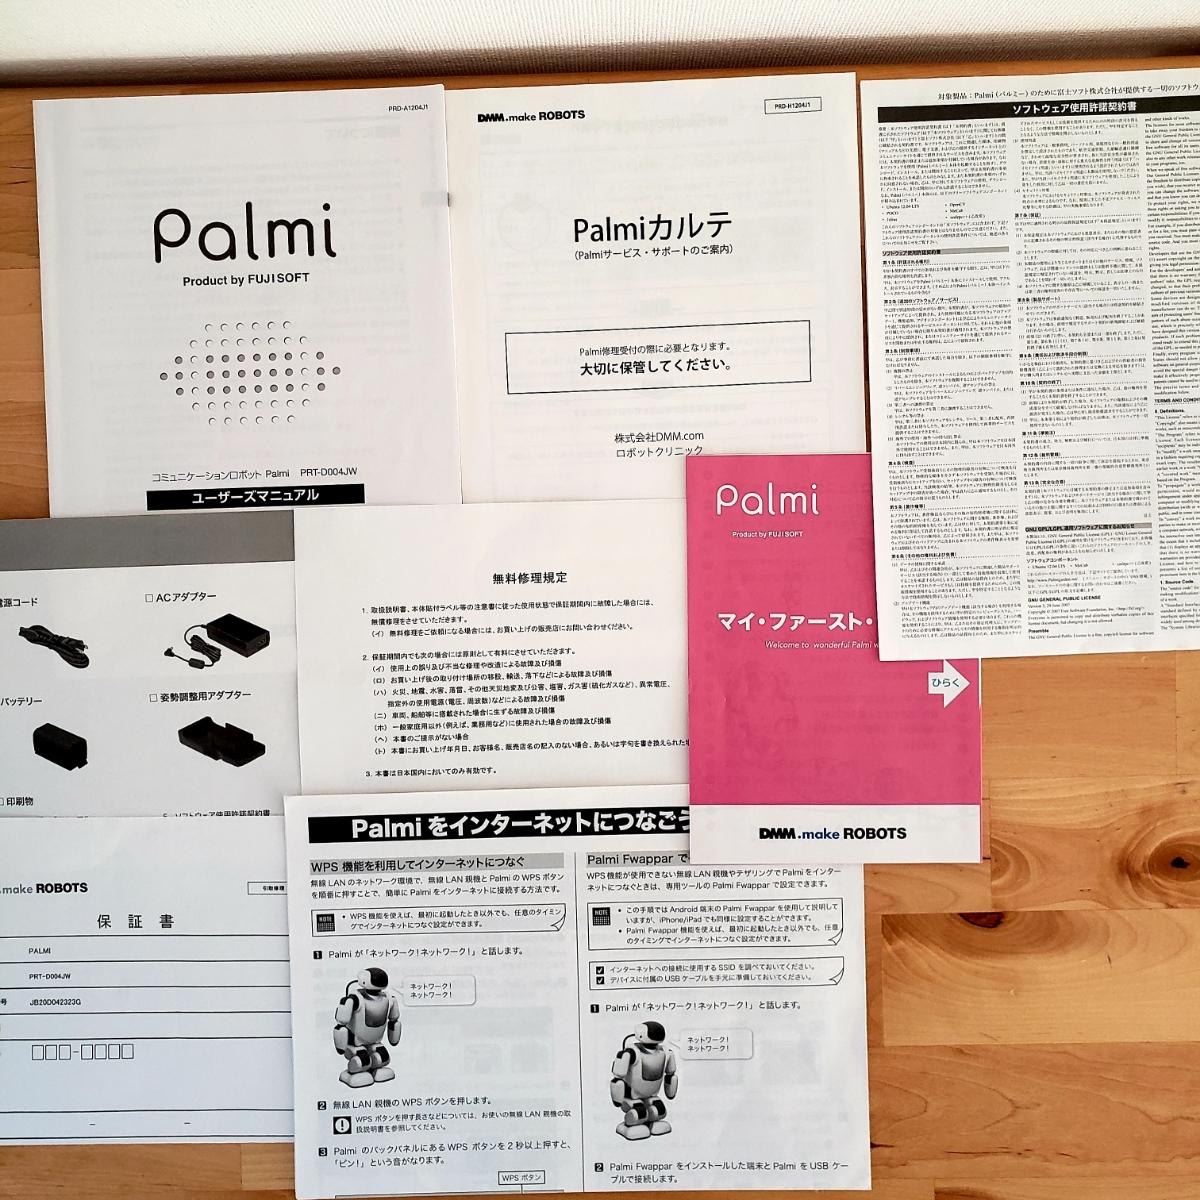 【美品・送料無料・即決あり】DMM make ROBOTS/FUJISOFT Palmi(パルミー) 二足歩行ロボット PRT-D004JW 購入価格32万円_画像9